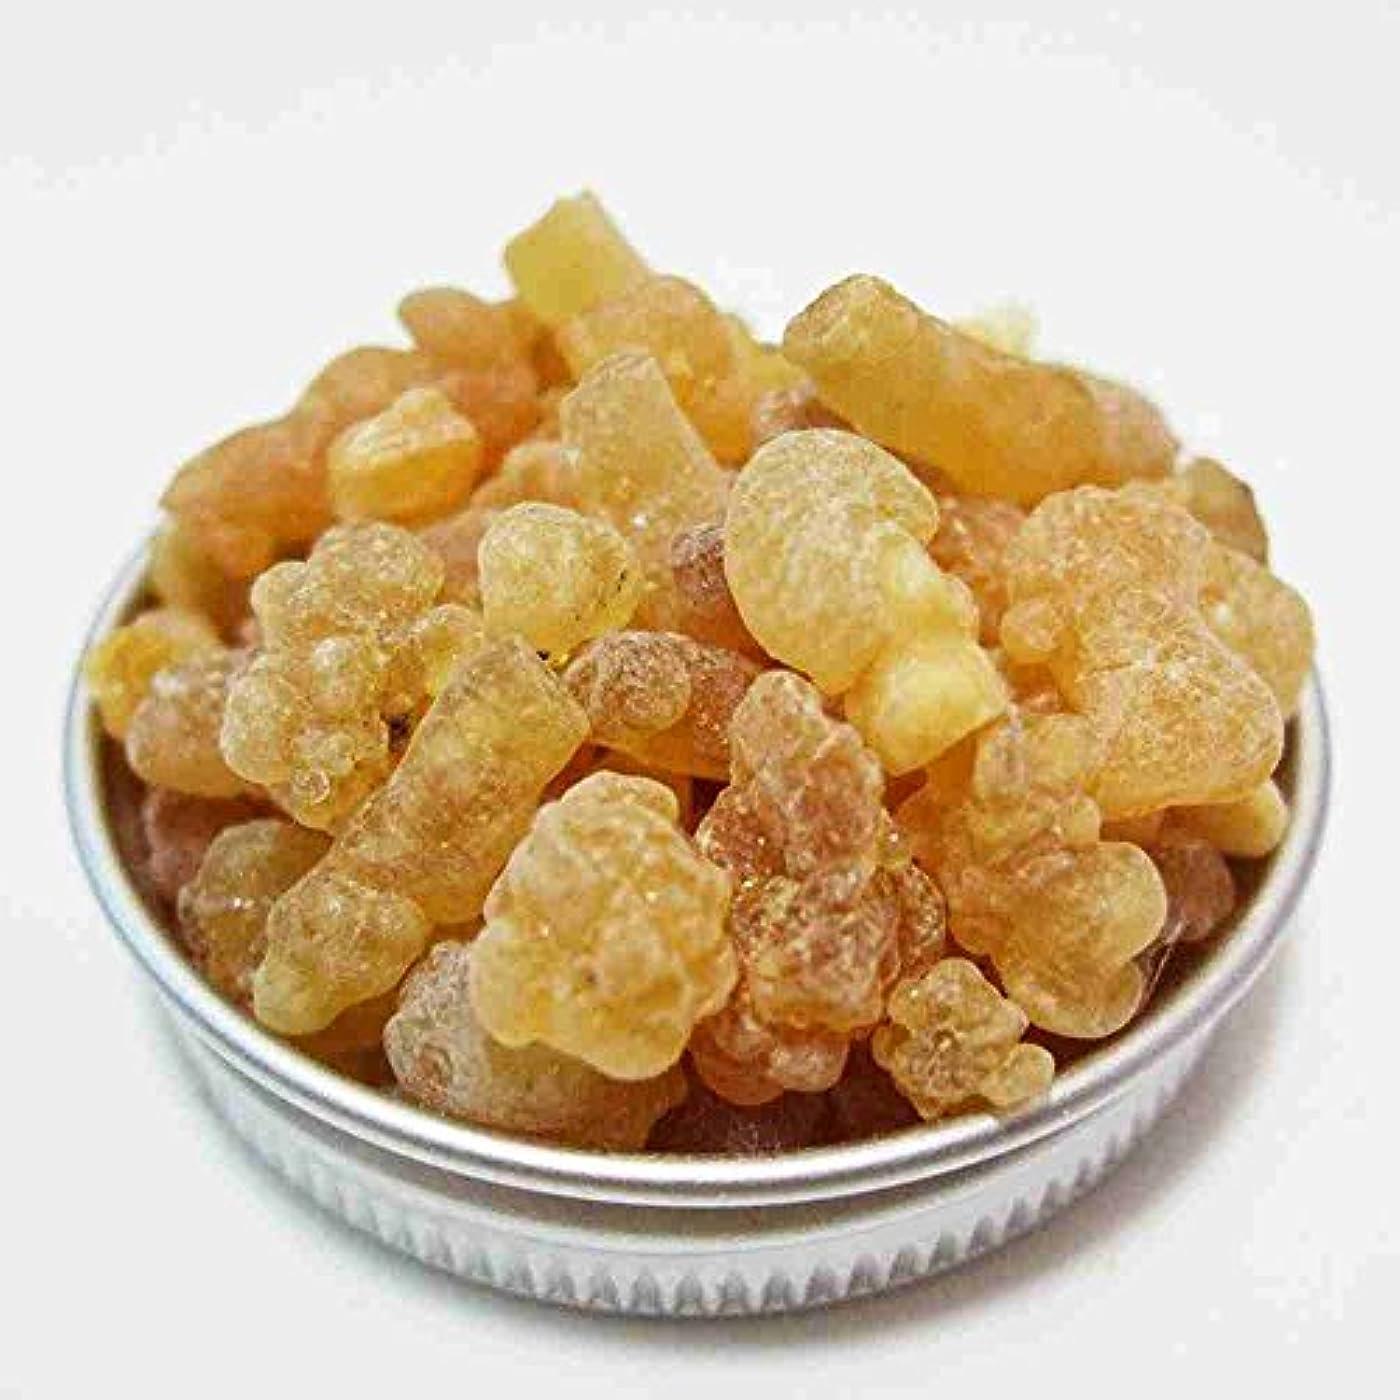 争うビヨン偏差フランキンセンス Frsnkincense (乳香) 天然樹脂香 フランキンセンス(乳香), 1 Ounce (28 g)